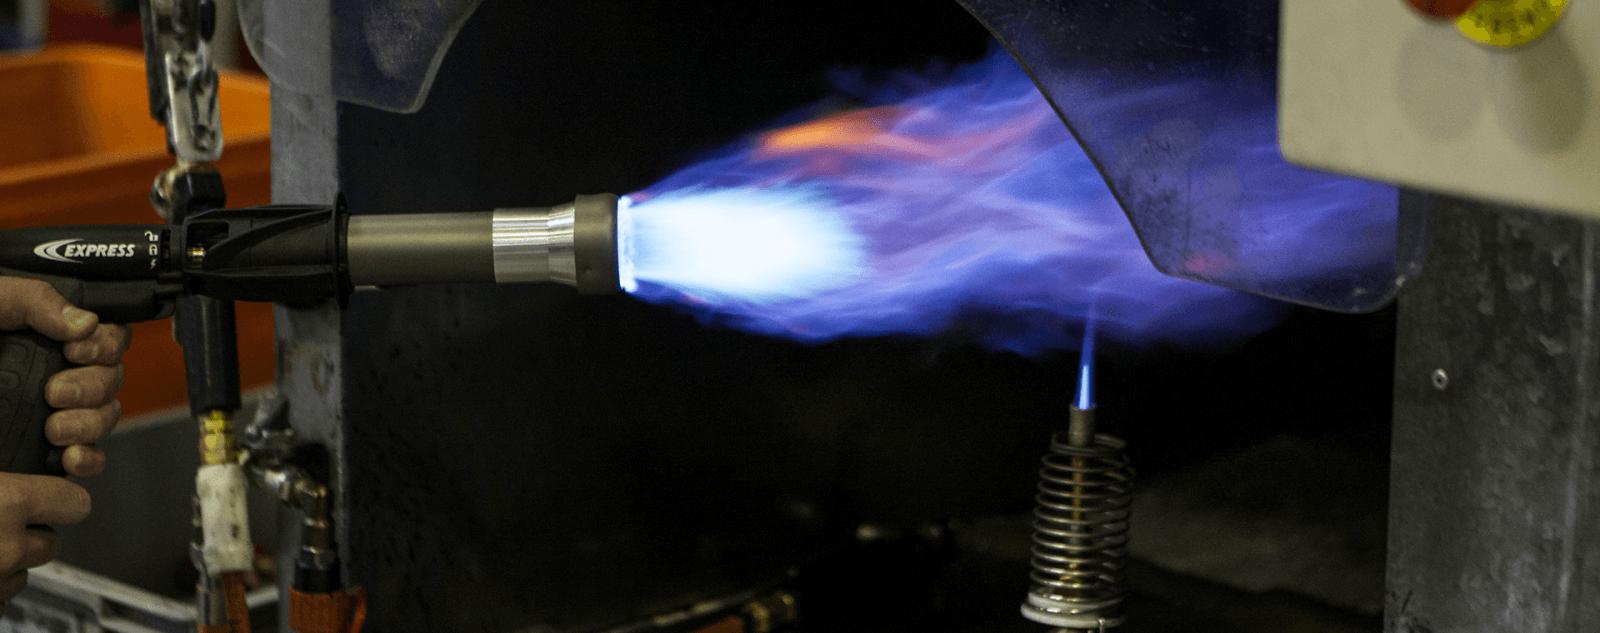 Test de flamme